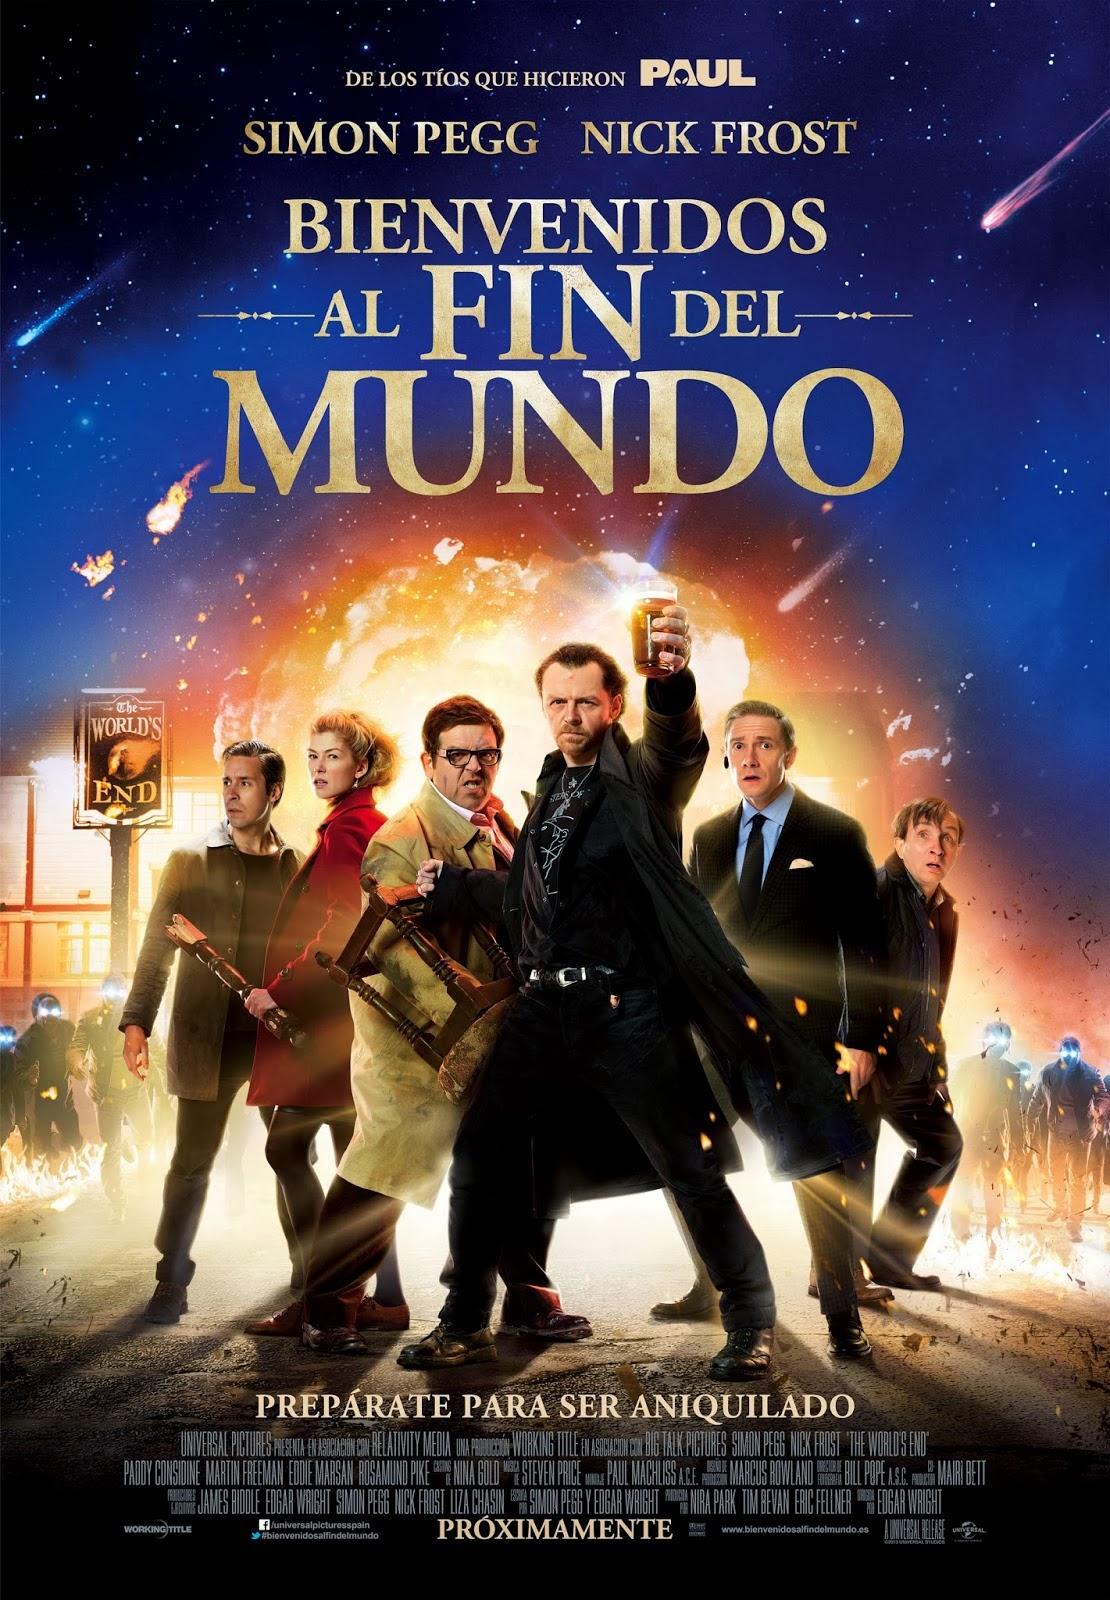 cartel, portada, póster, cine, película